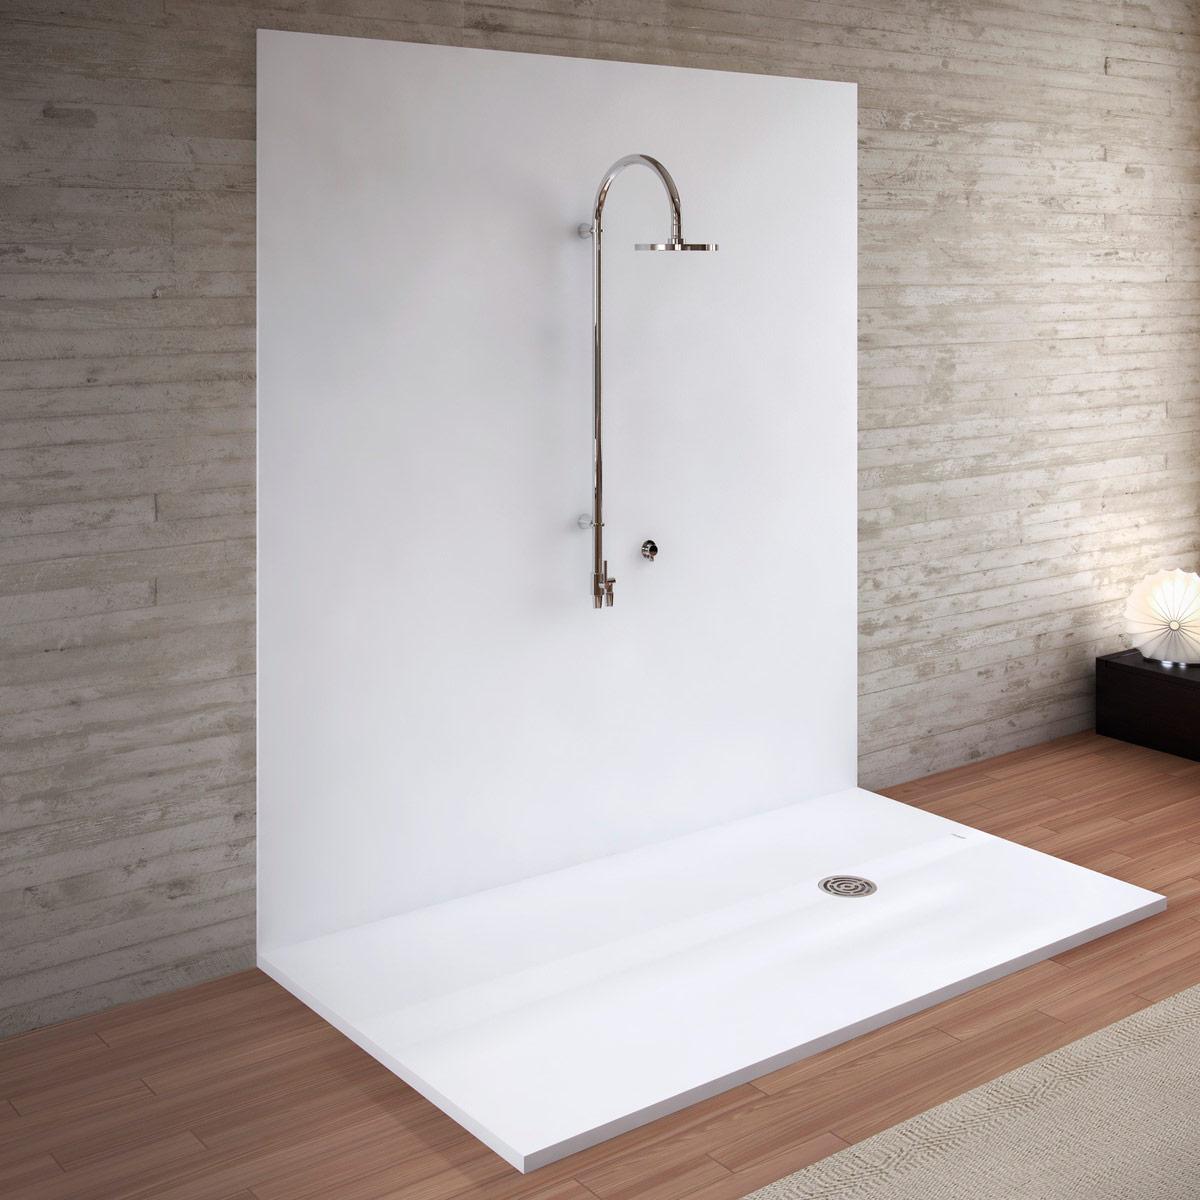 rinnovare un bagno senza opere murarie